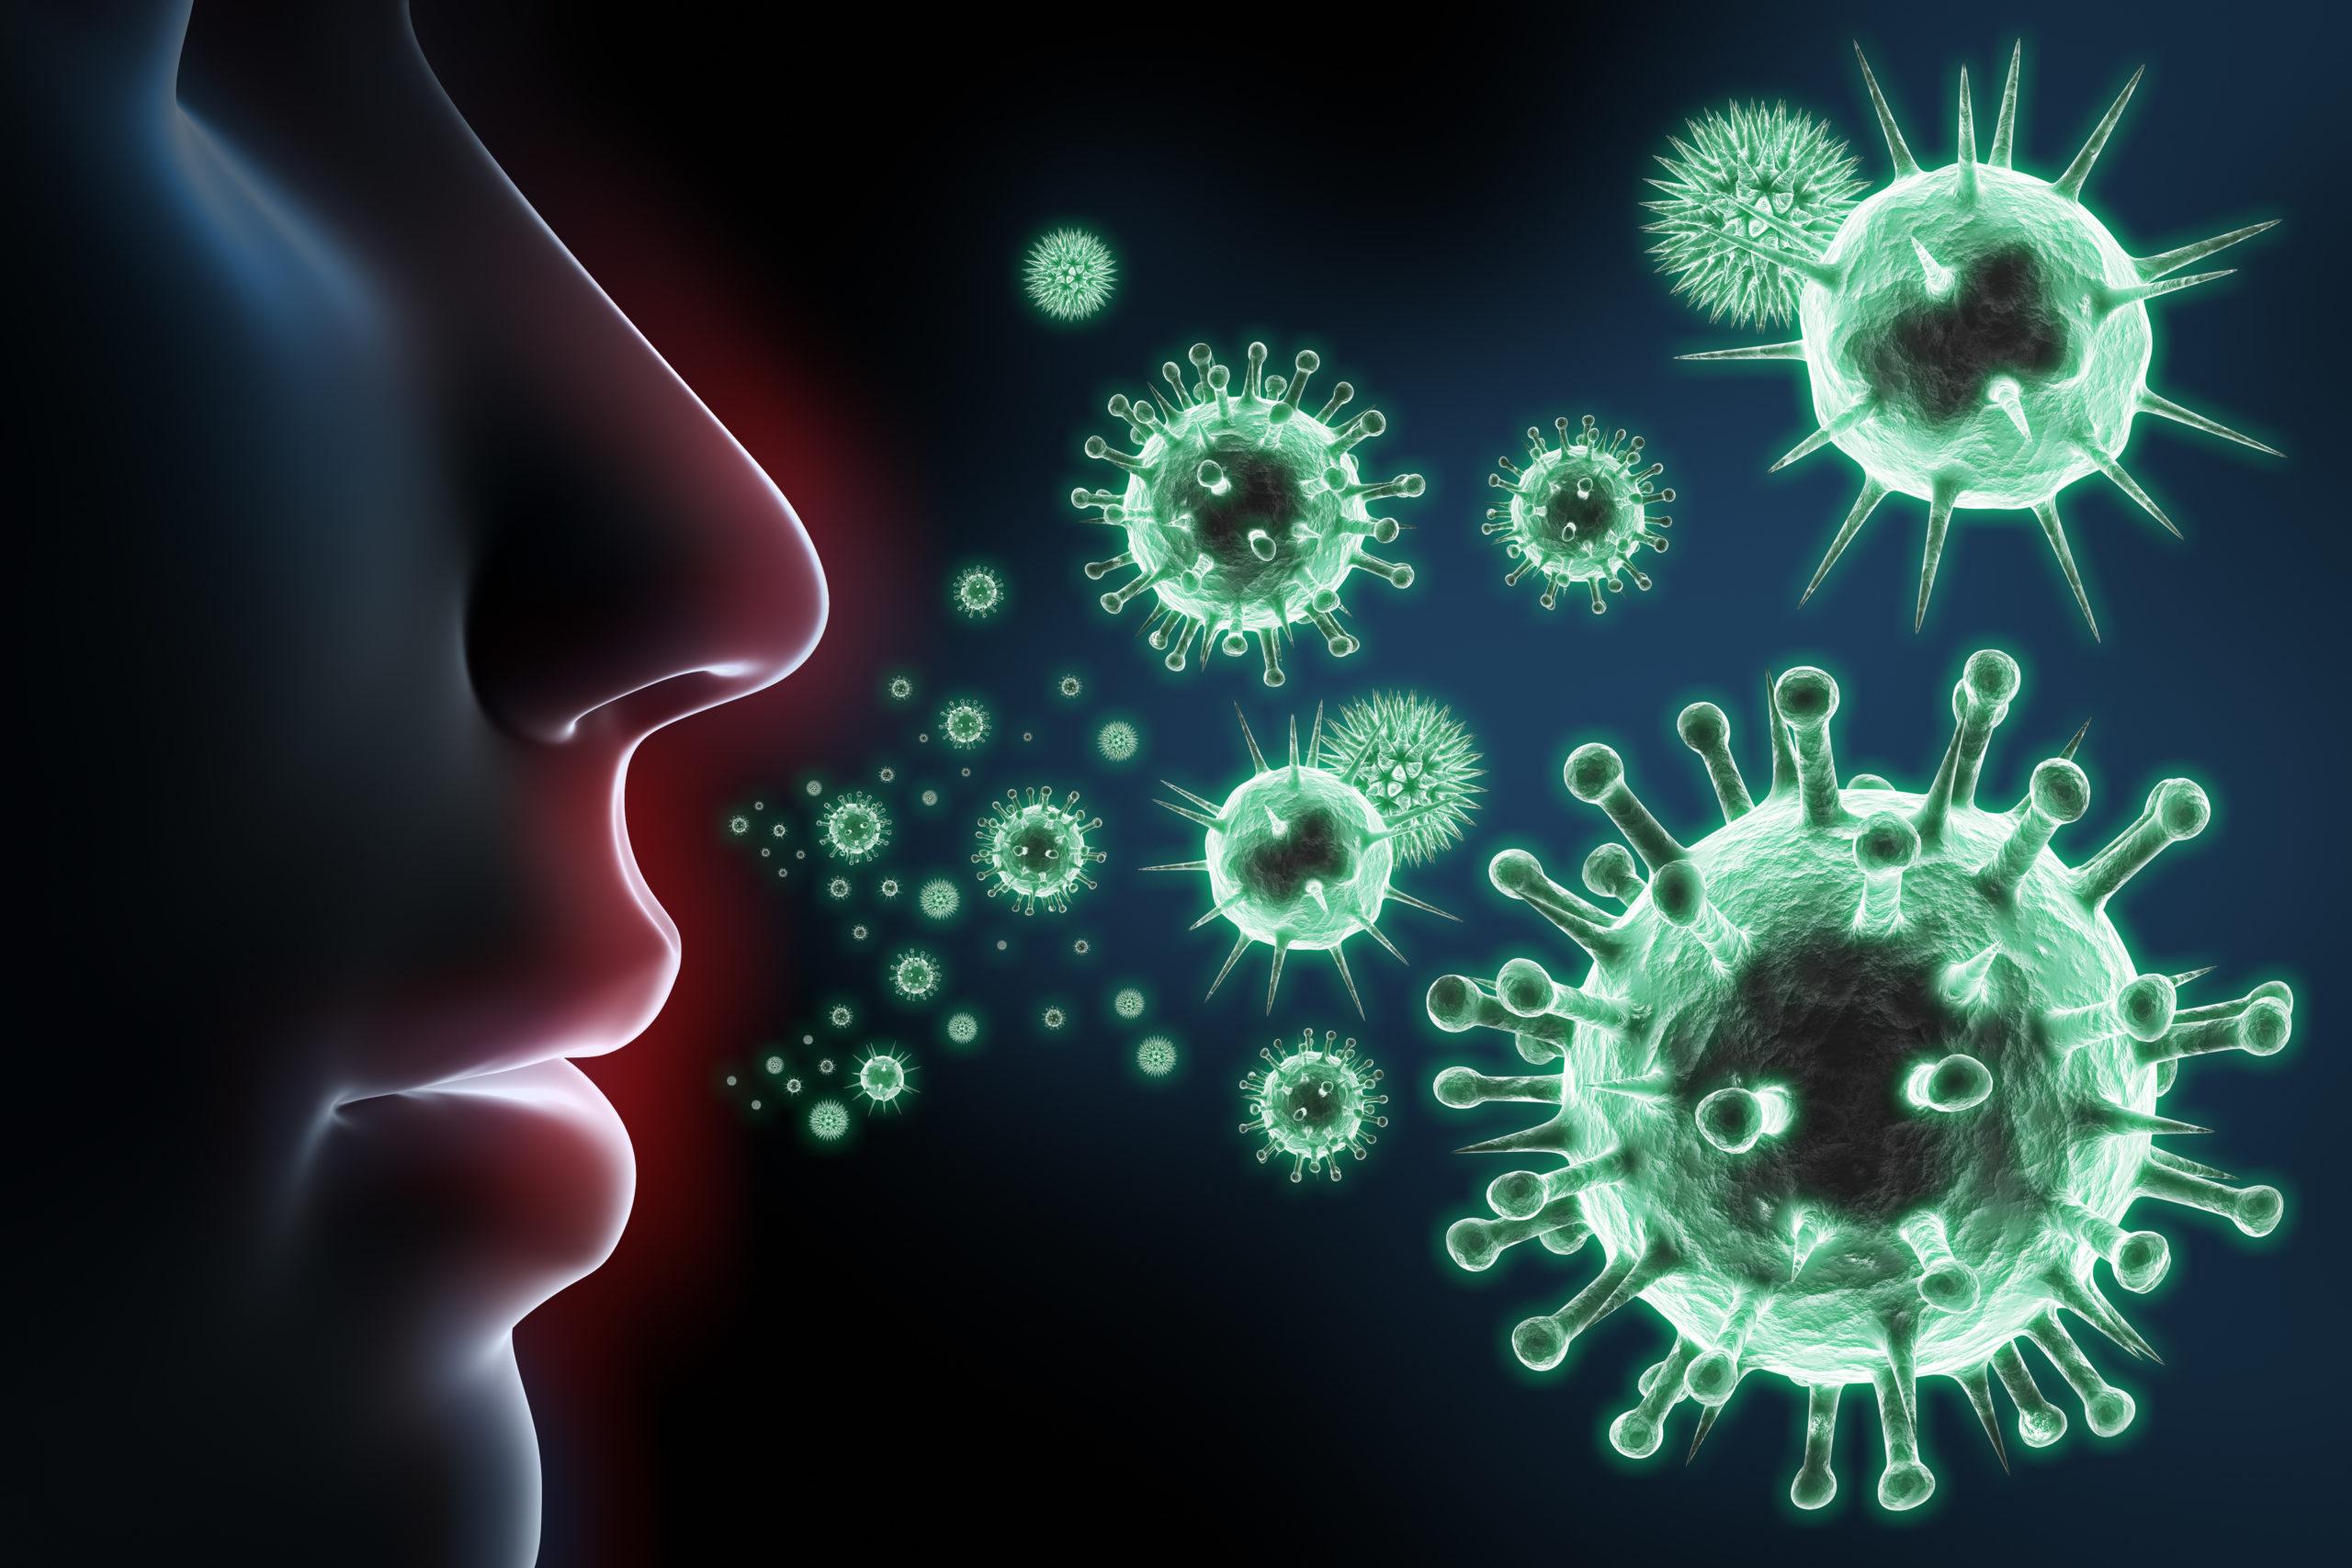 Immunsystem: Eine Frau im Profil